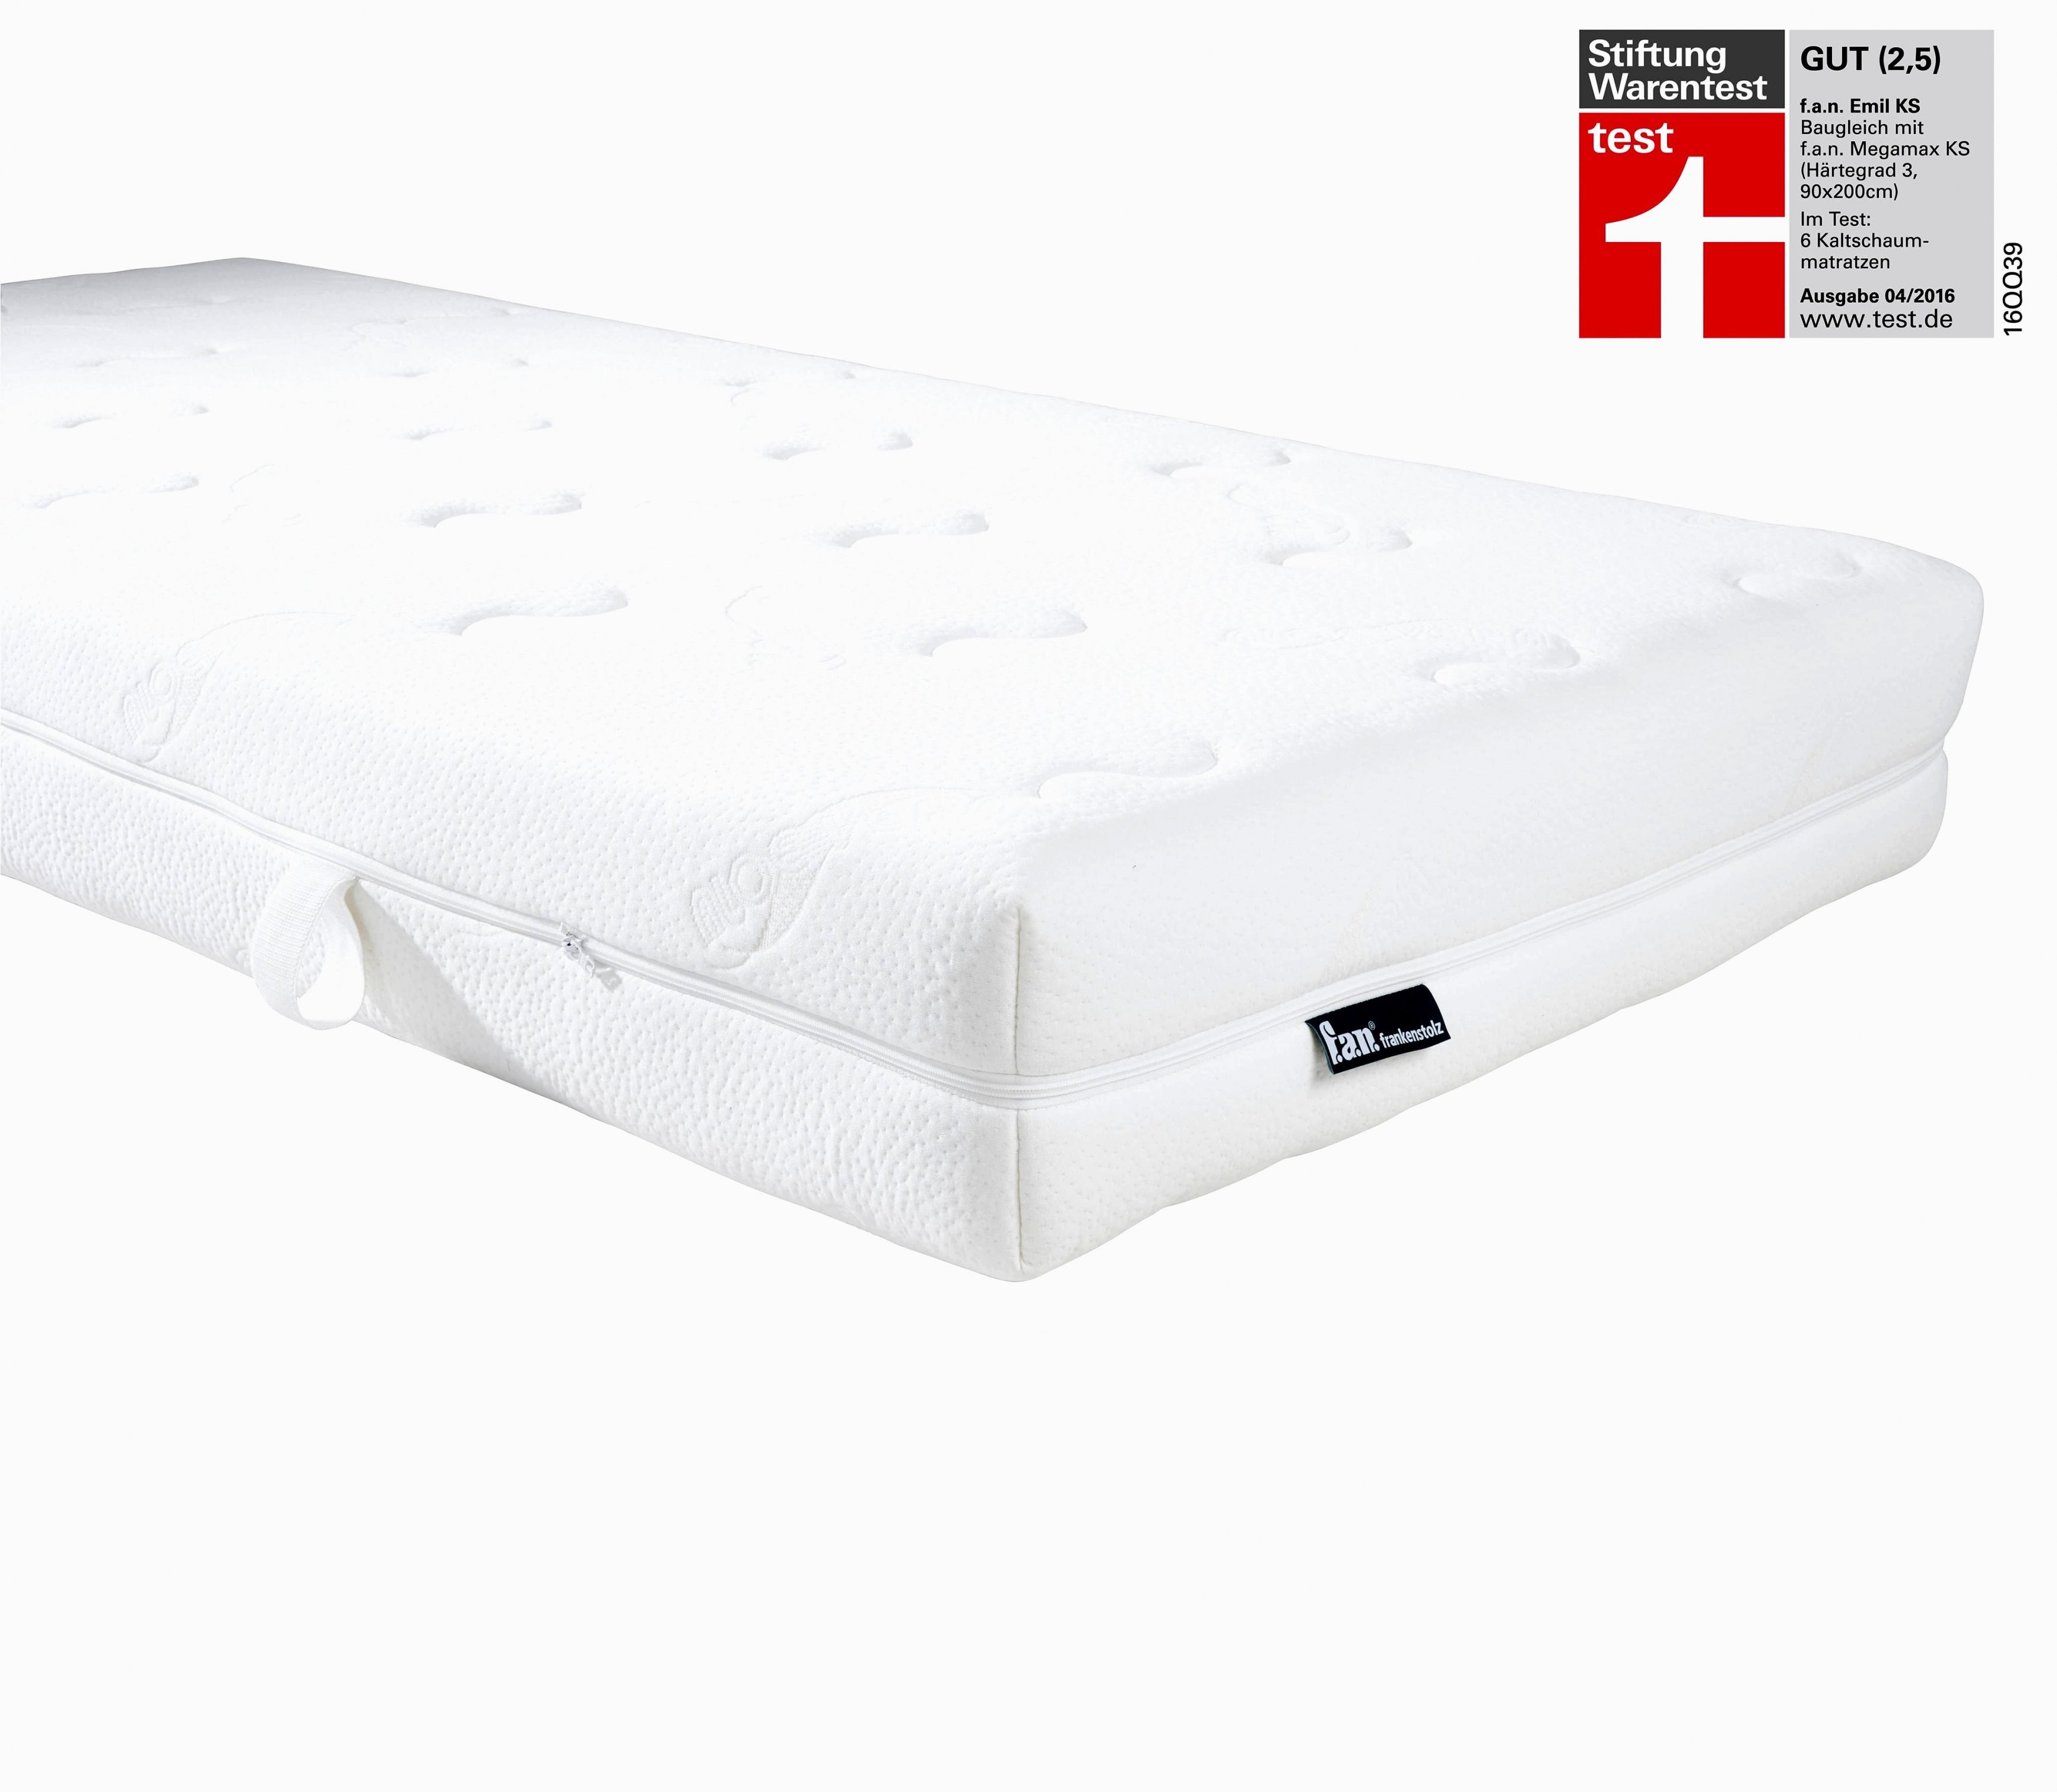 schlafsofa testsieger 2015 einzigartig betten und matratzen auf von bett matratzen test bild. Black Bedroom Furniture Sets. Home Design Ideas